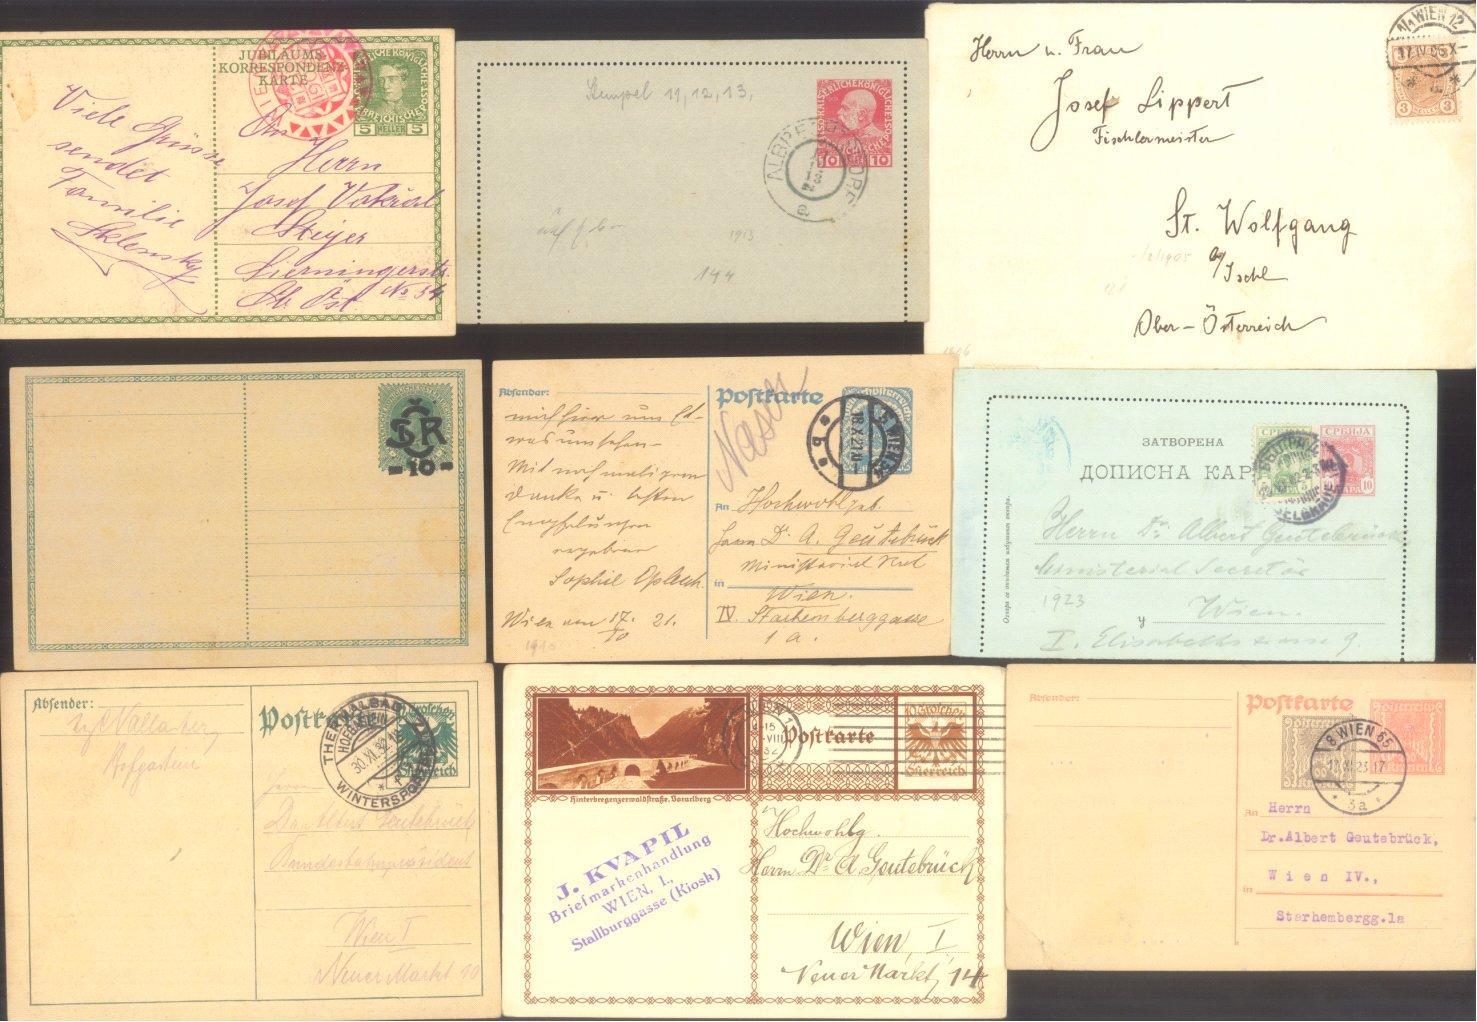 ÖSTERREICH 1883-1921, Belegepartie (auch Motiv DATUM!)-8